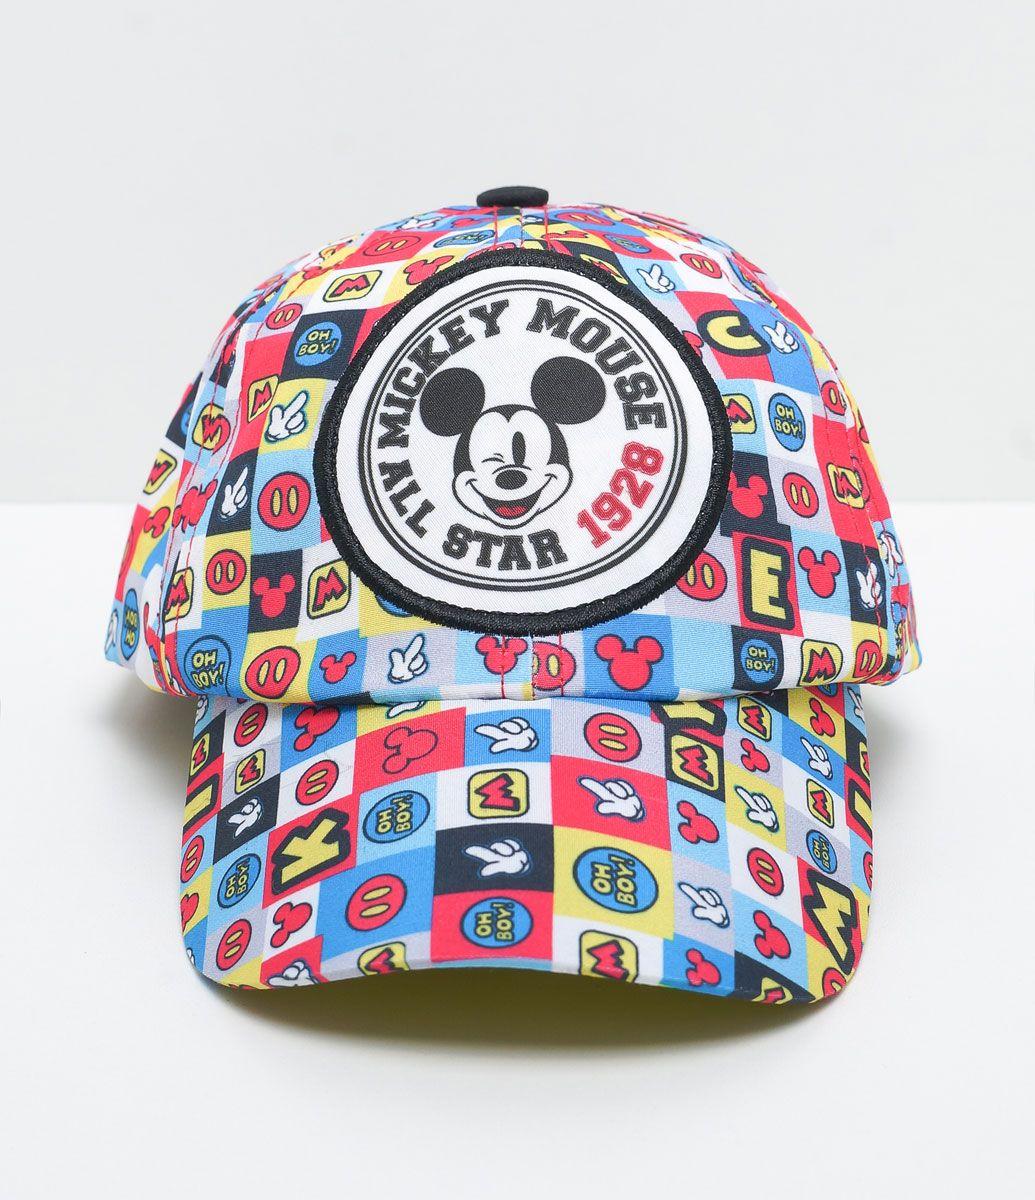 634d6b3146544 Boné infantil Estampado Marca  Mickey Tecido  poliéster COLEÇÃO VERÃO 2017  Veja outras opções de produtos Mickey .